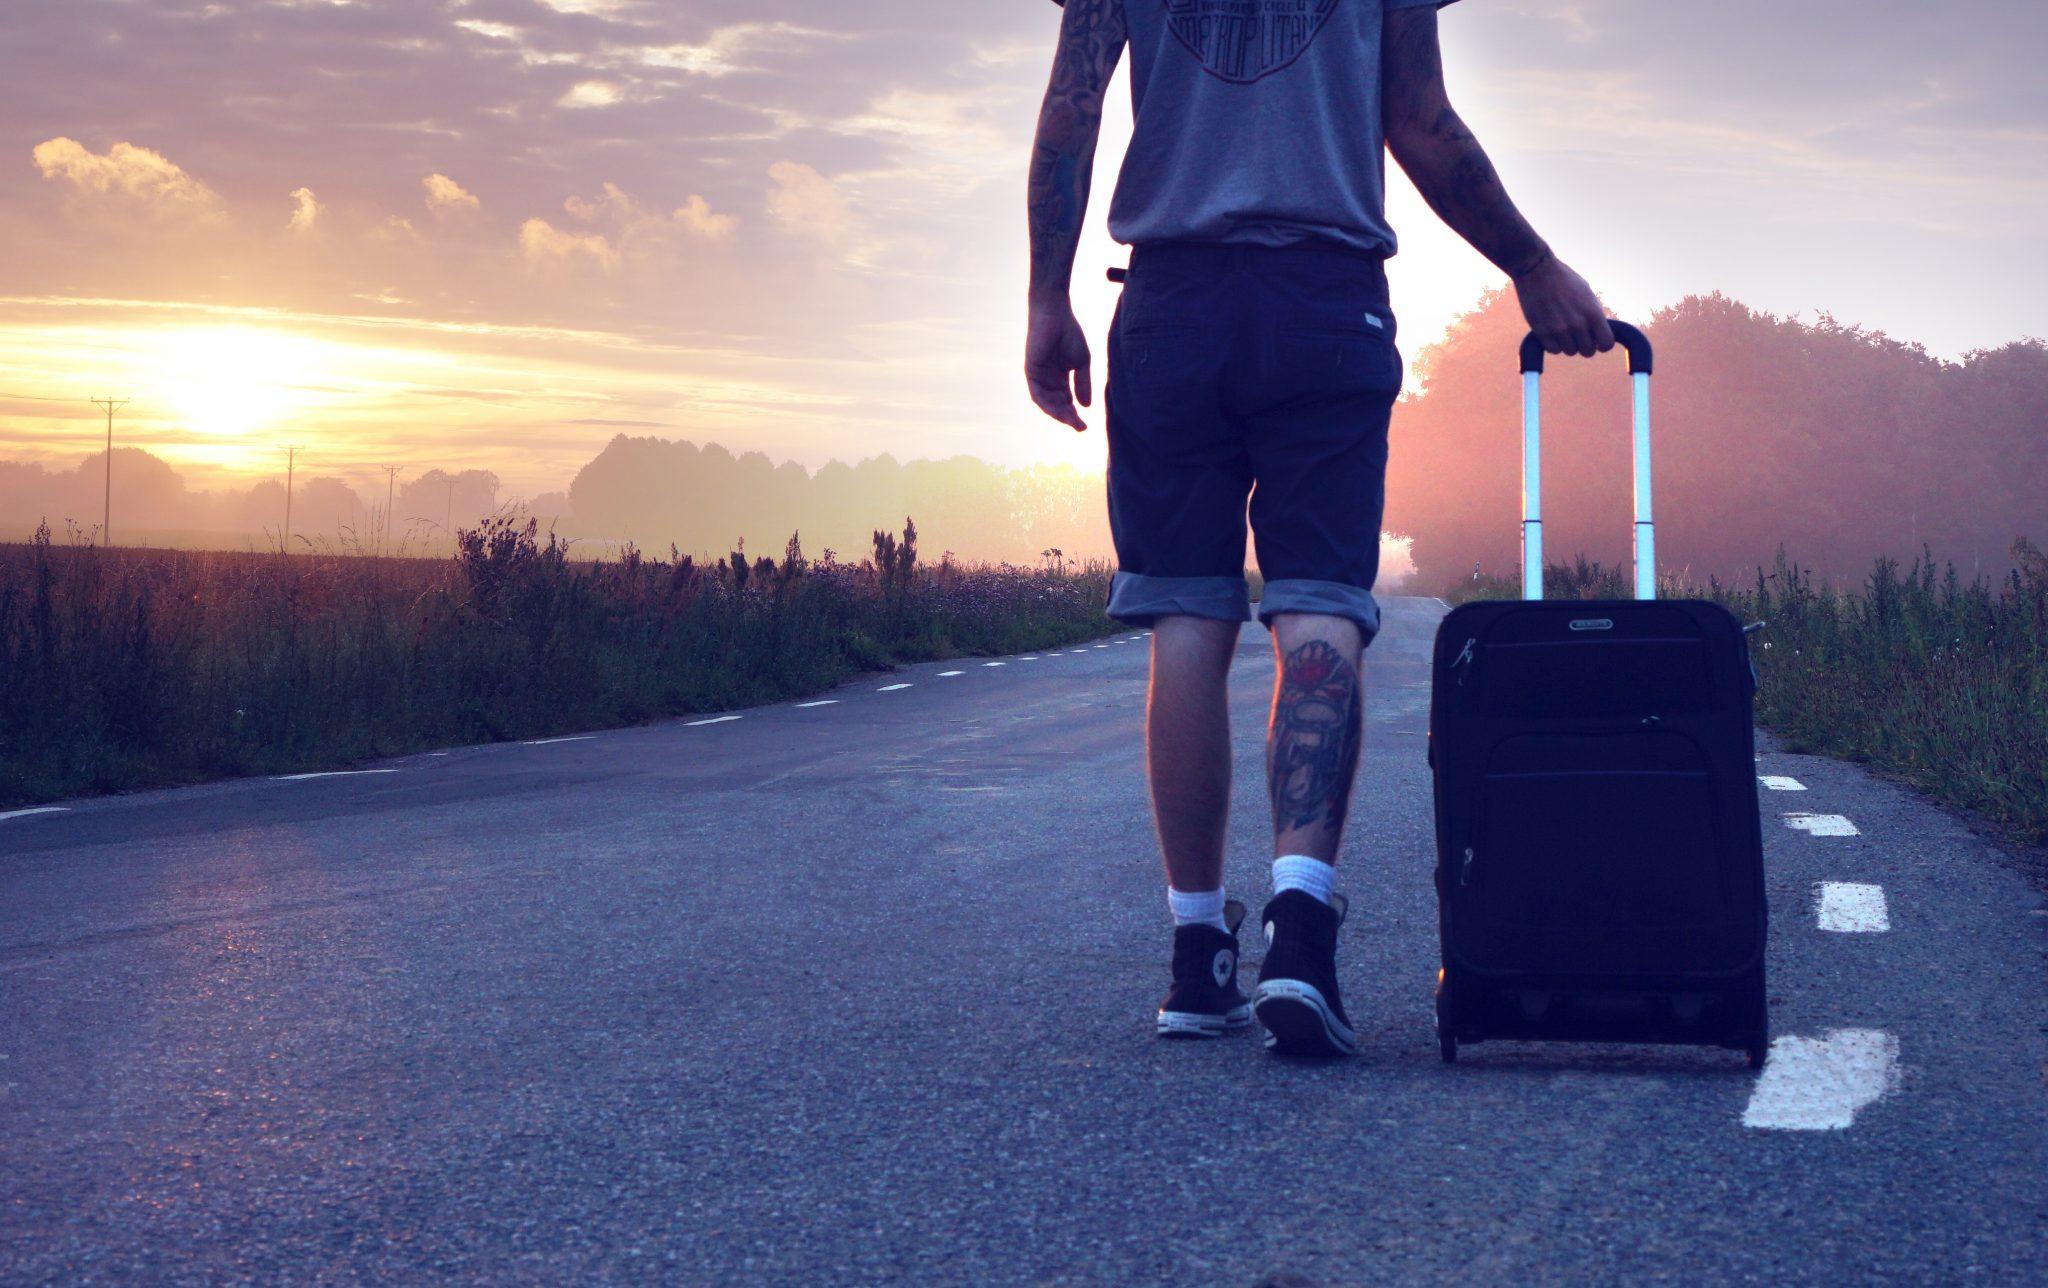 man-suitcase-road